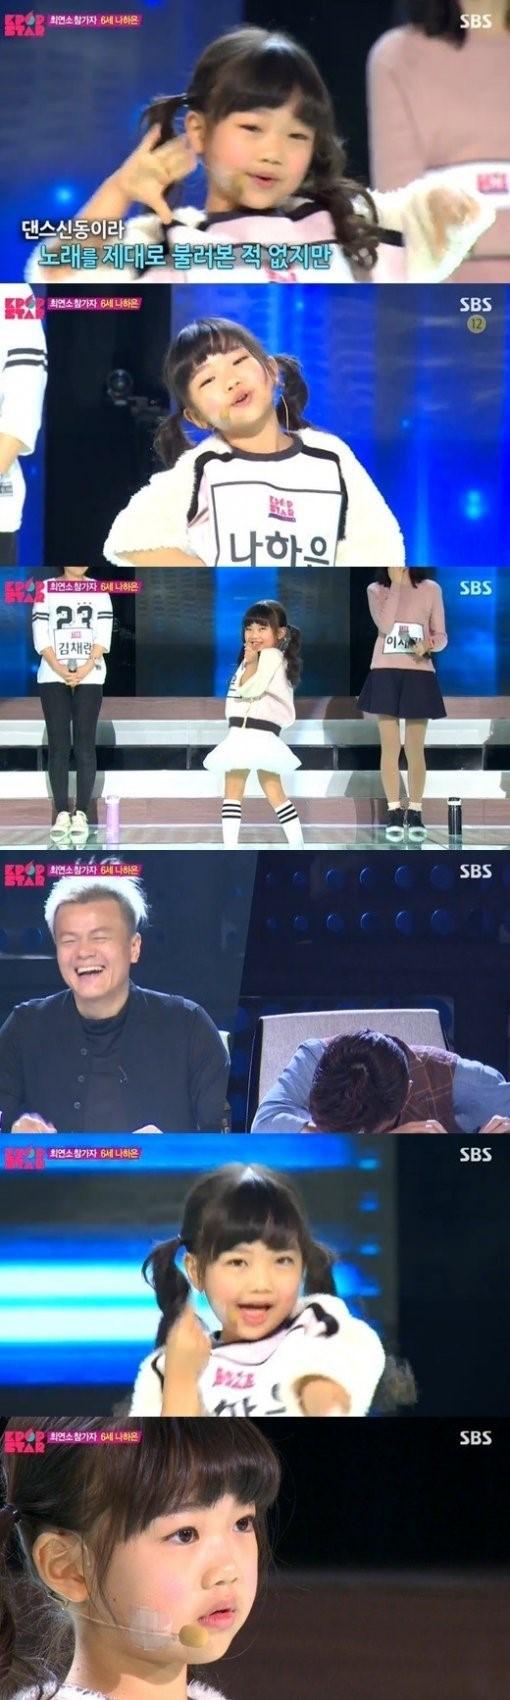 'K팝스타4' 최연소참가자 나하은, 심사위원들 마음 '사르르'